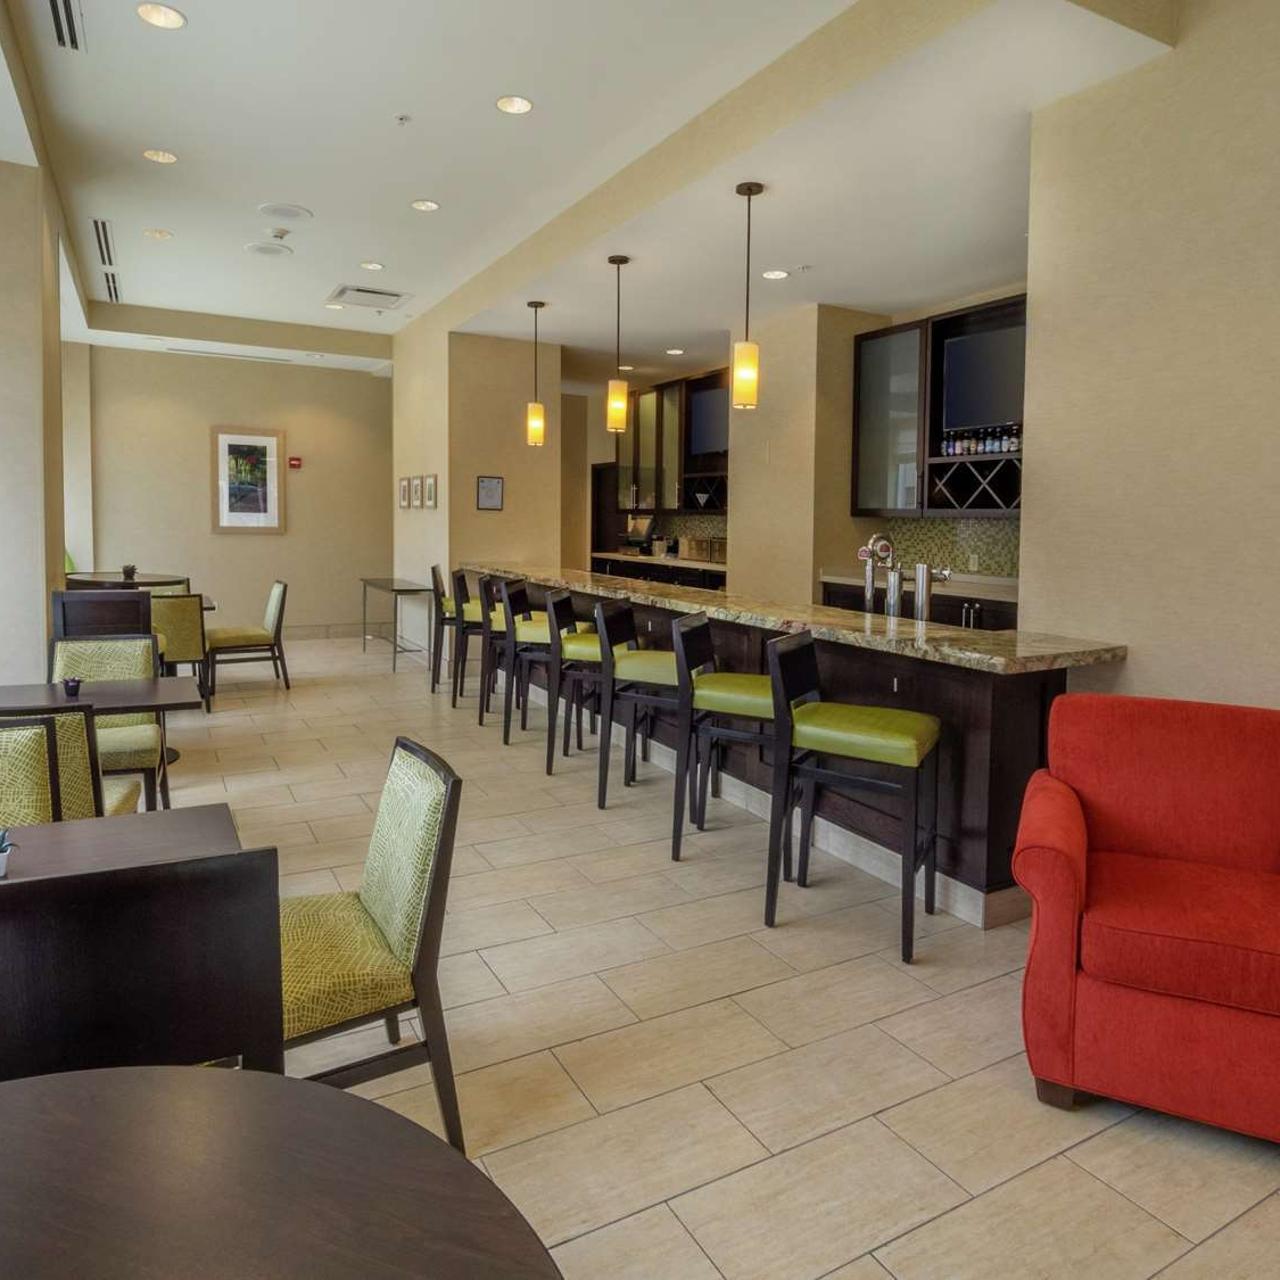 The Hilton Garden Inn Buffalo Downtown 3 Hrs Star Hotel In